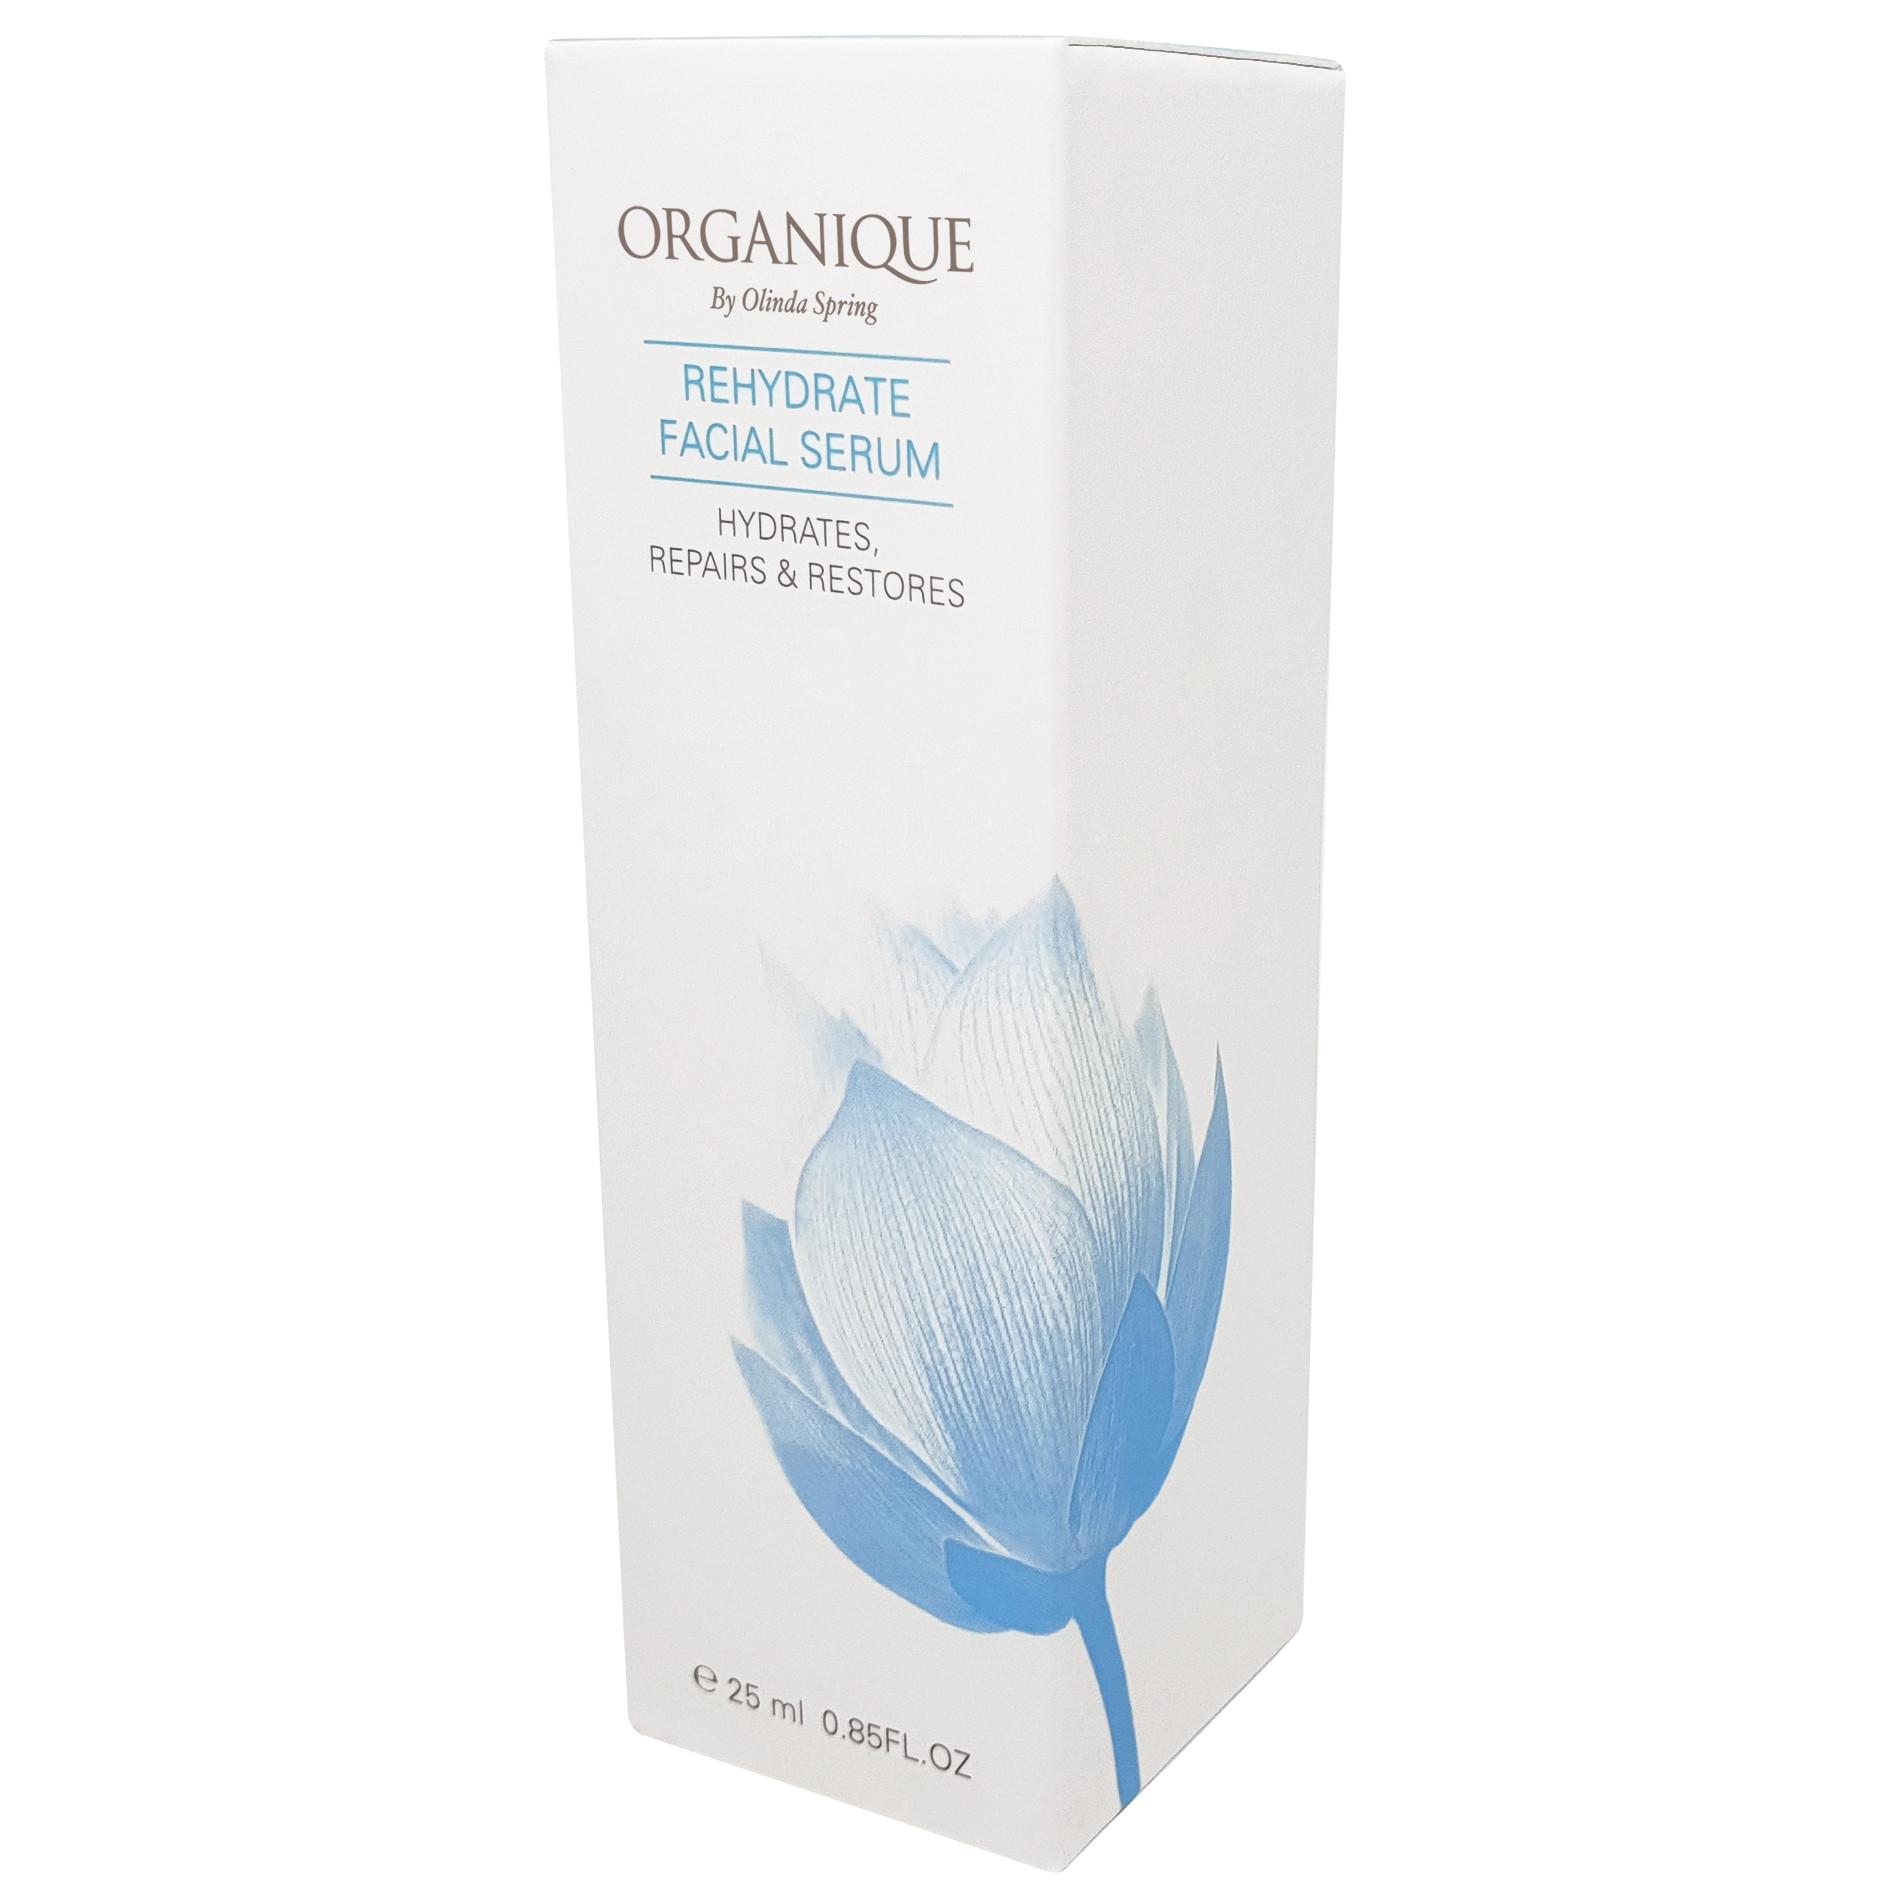 Tinh chất dưỡng ẩm Rehydrate Facial Serum 25ml